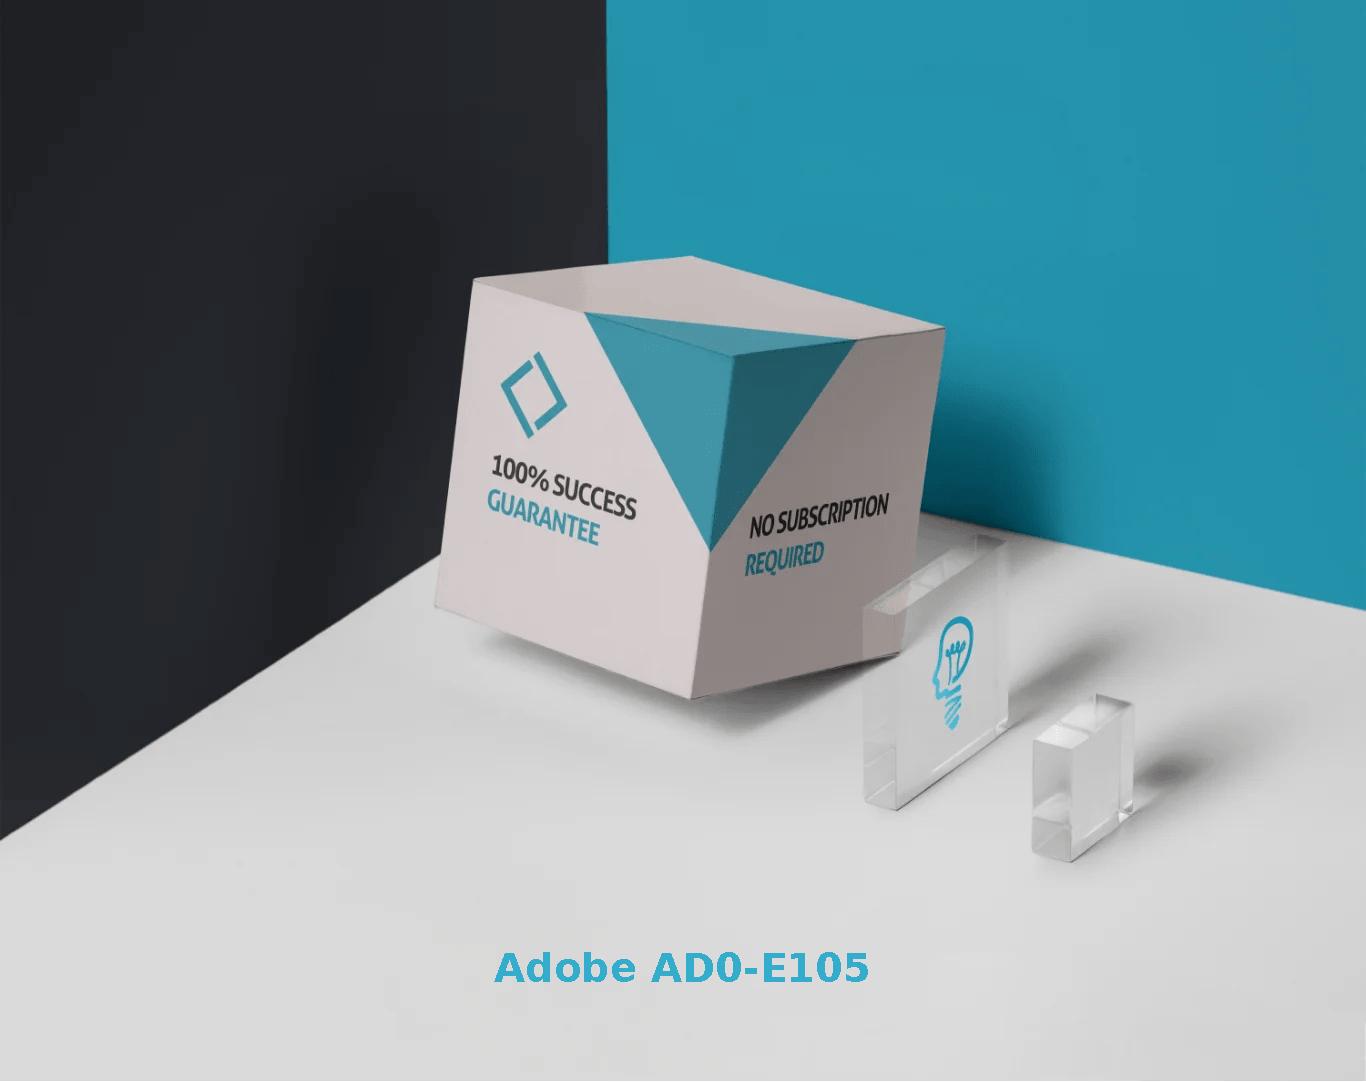 Adobe AD0-E105 Exams